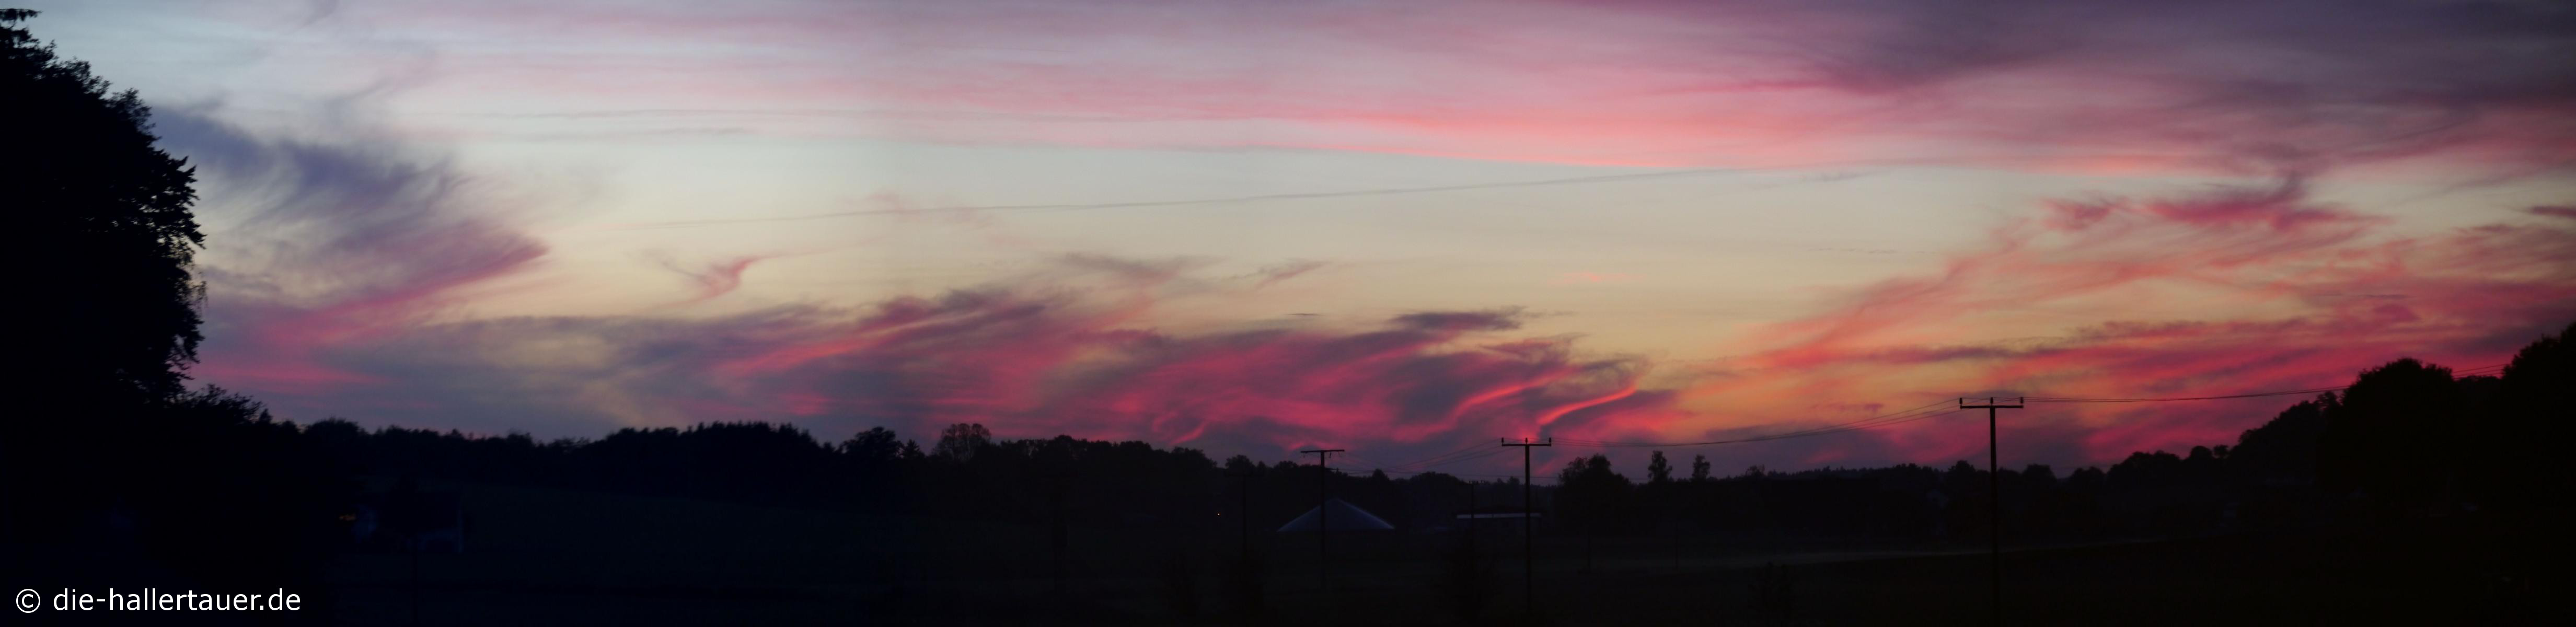 Hallertauer Sonnenuntergang